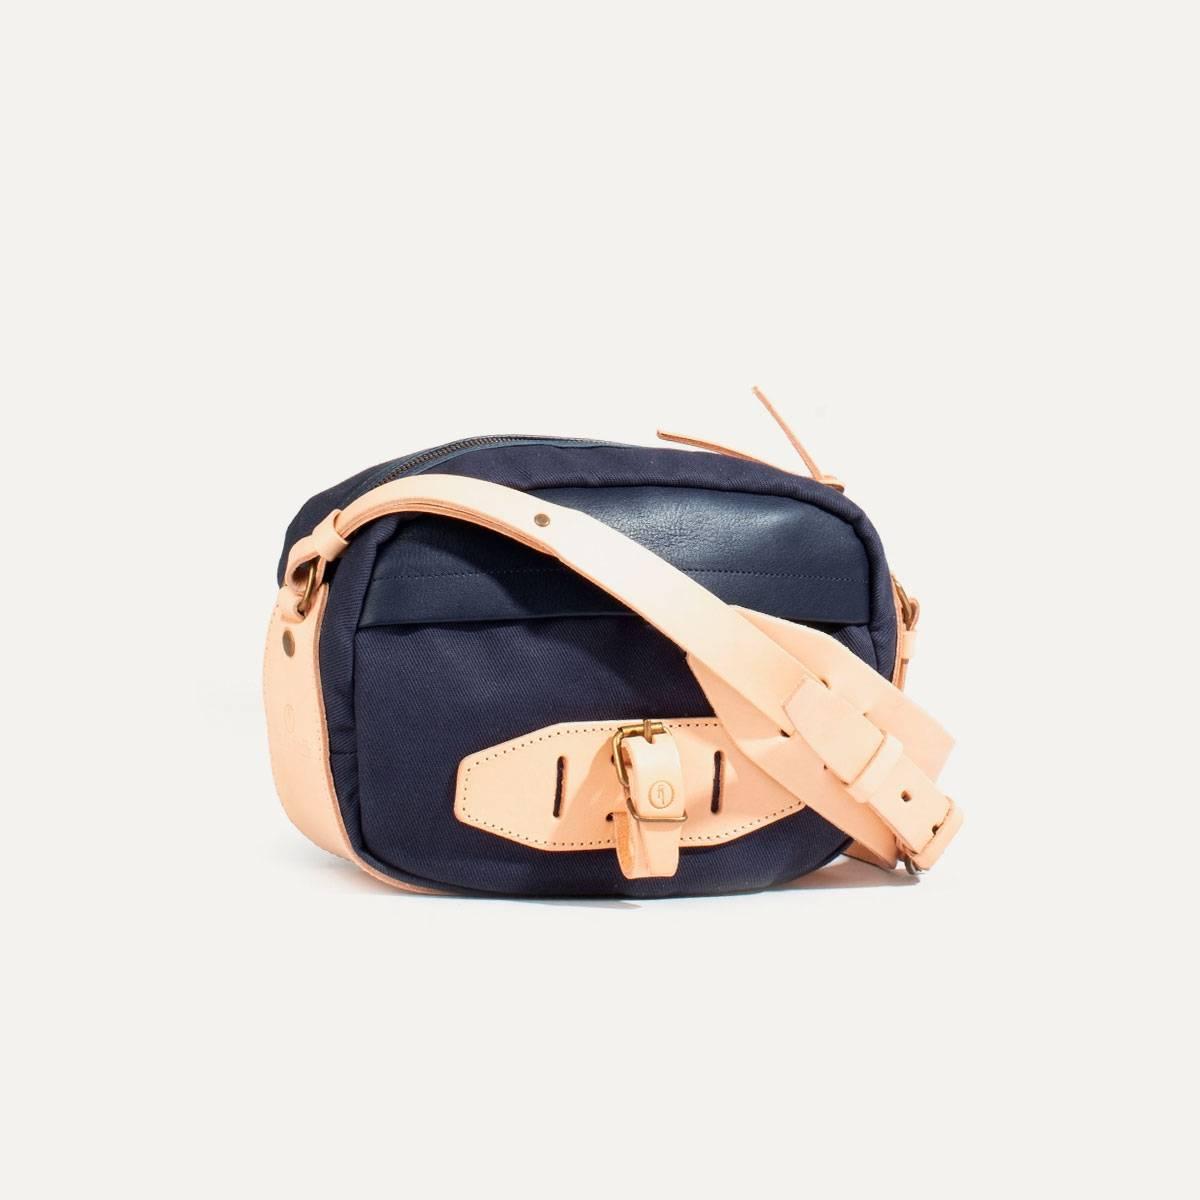 Honshu Belt bag - Navy blue/Natural (image n°2)